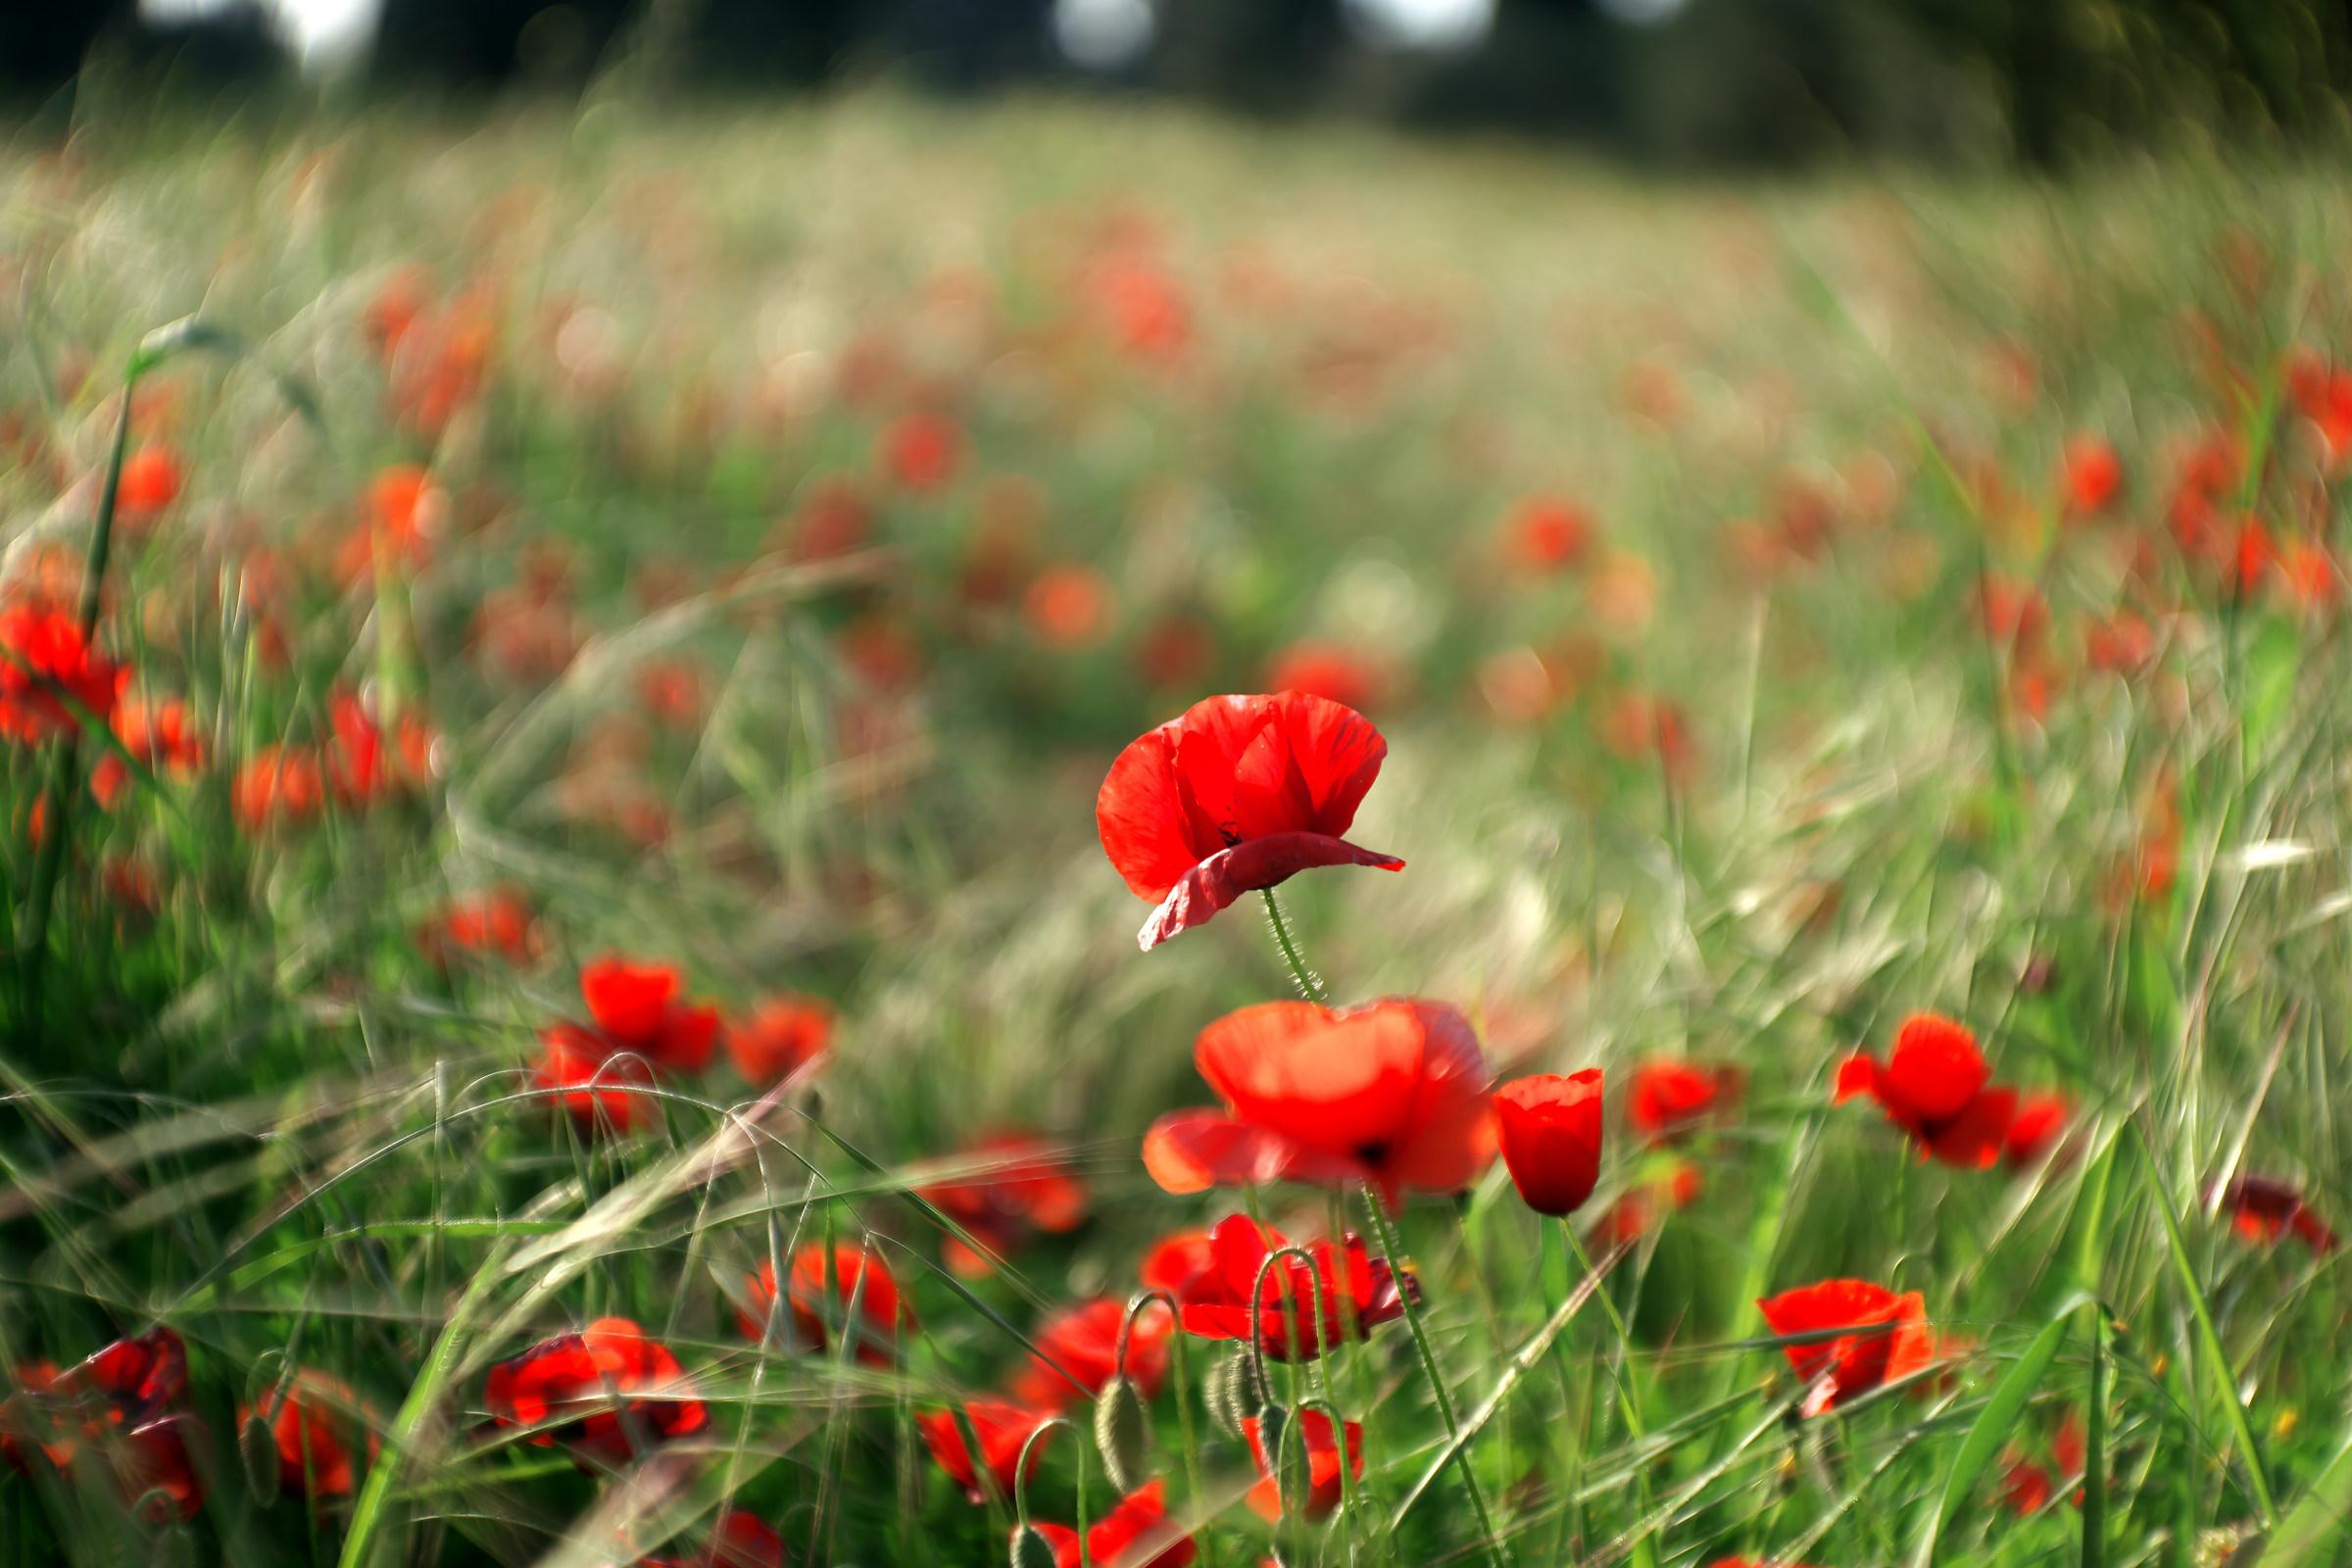 Poppy colors ......